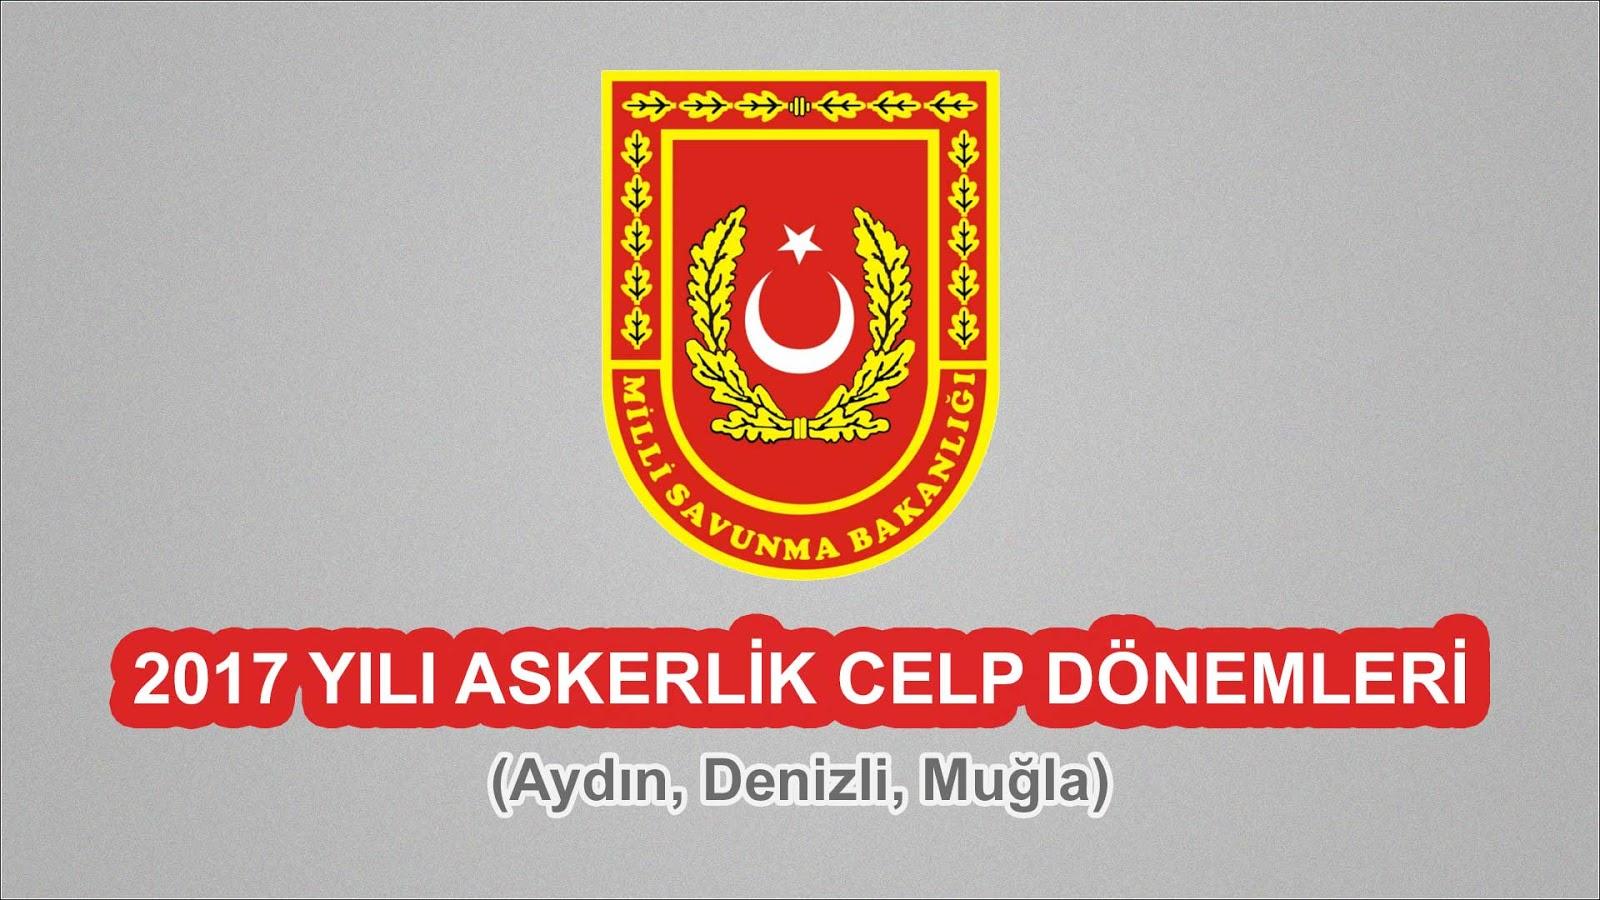 2017 Yılı Aydın, Denizli, Muğla Askerlik Celp Dönemleri